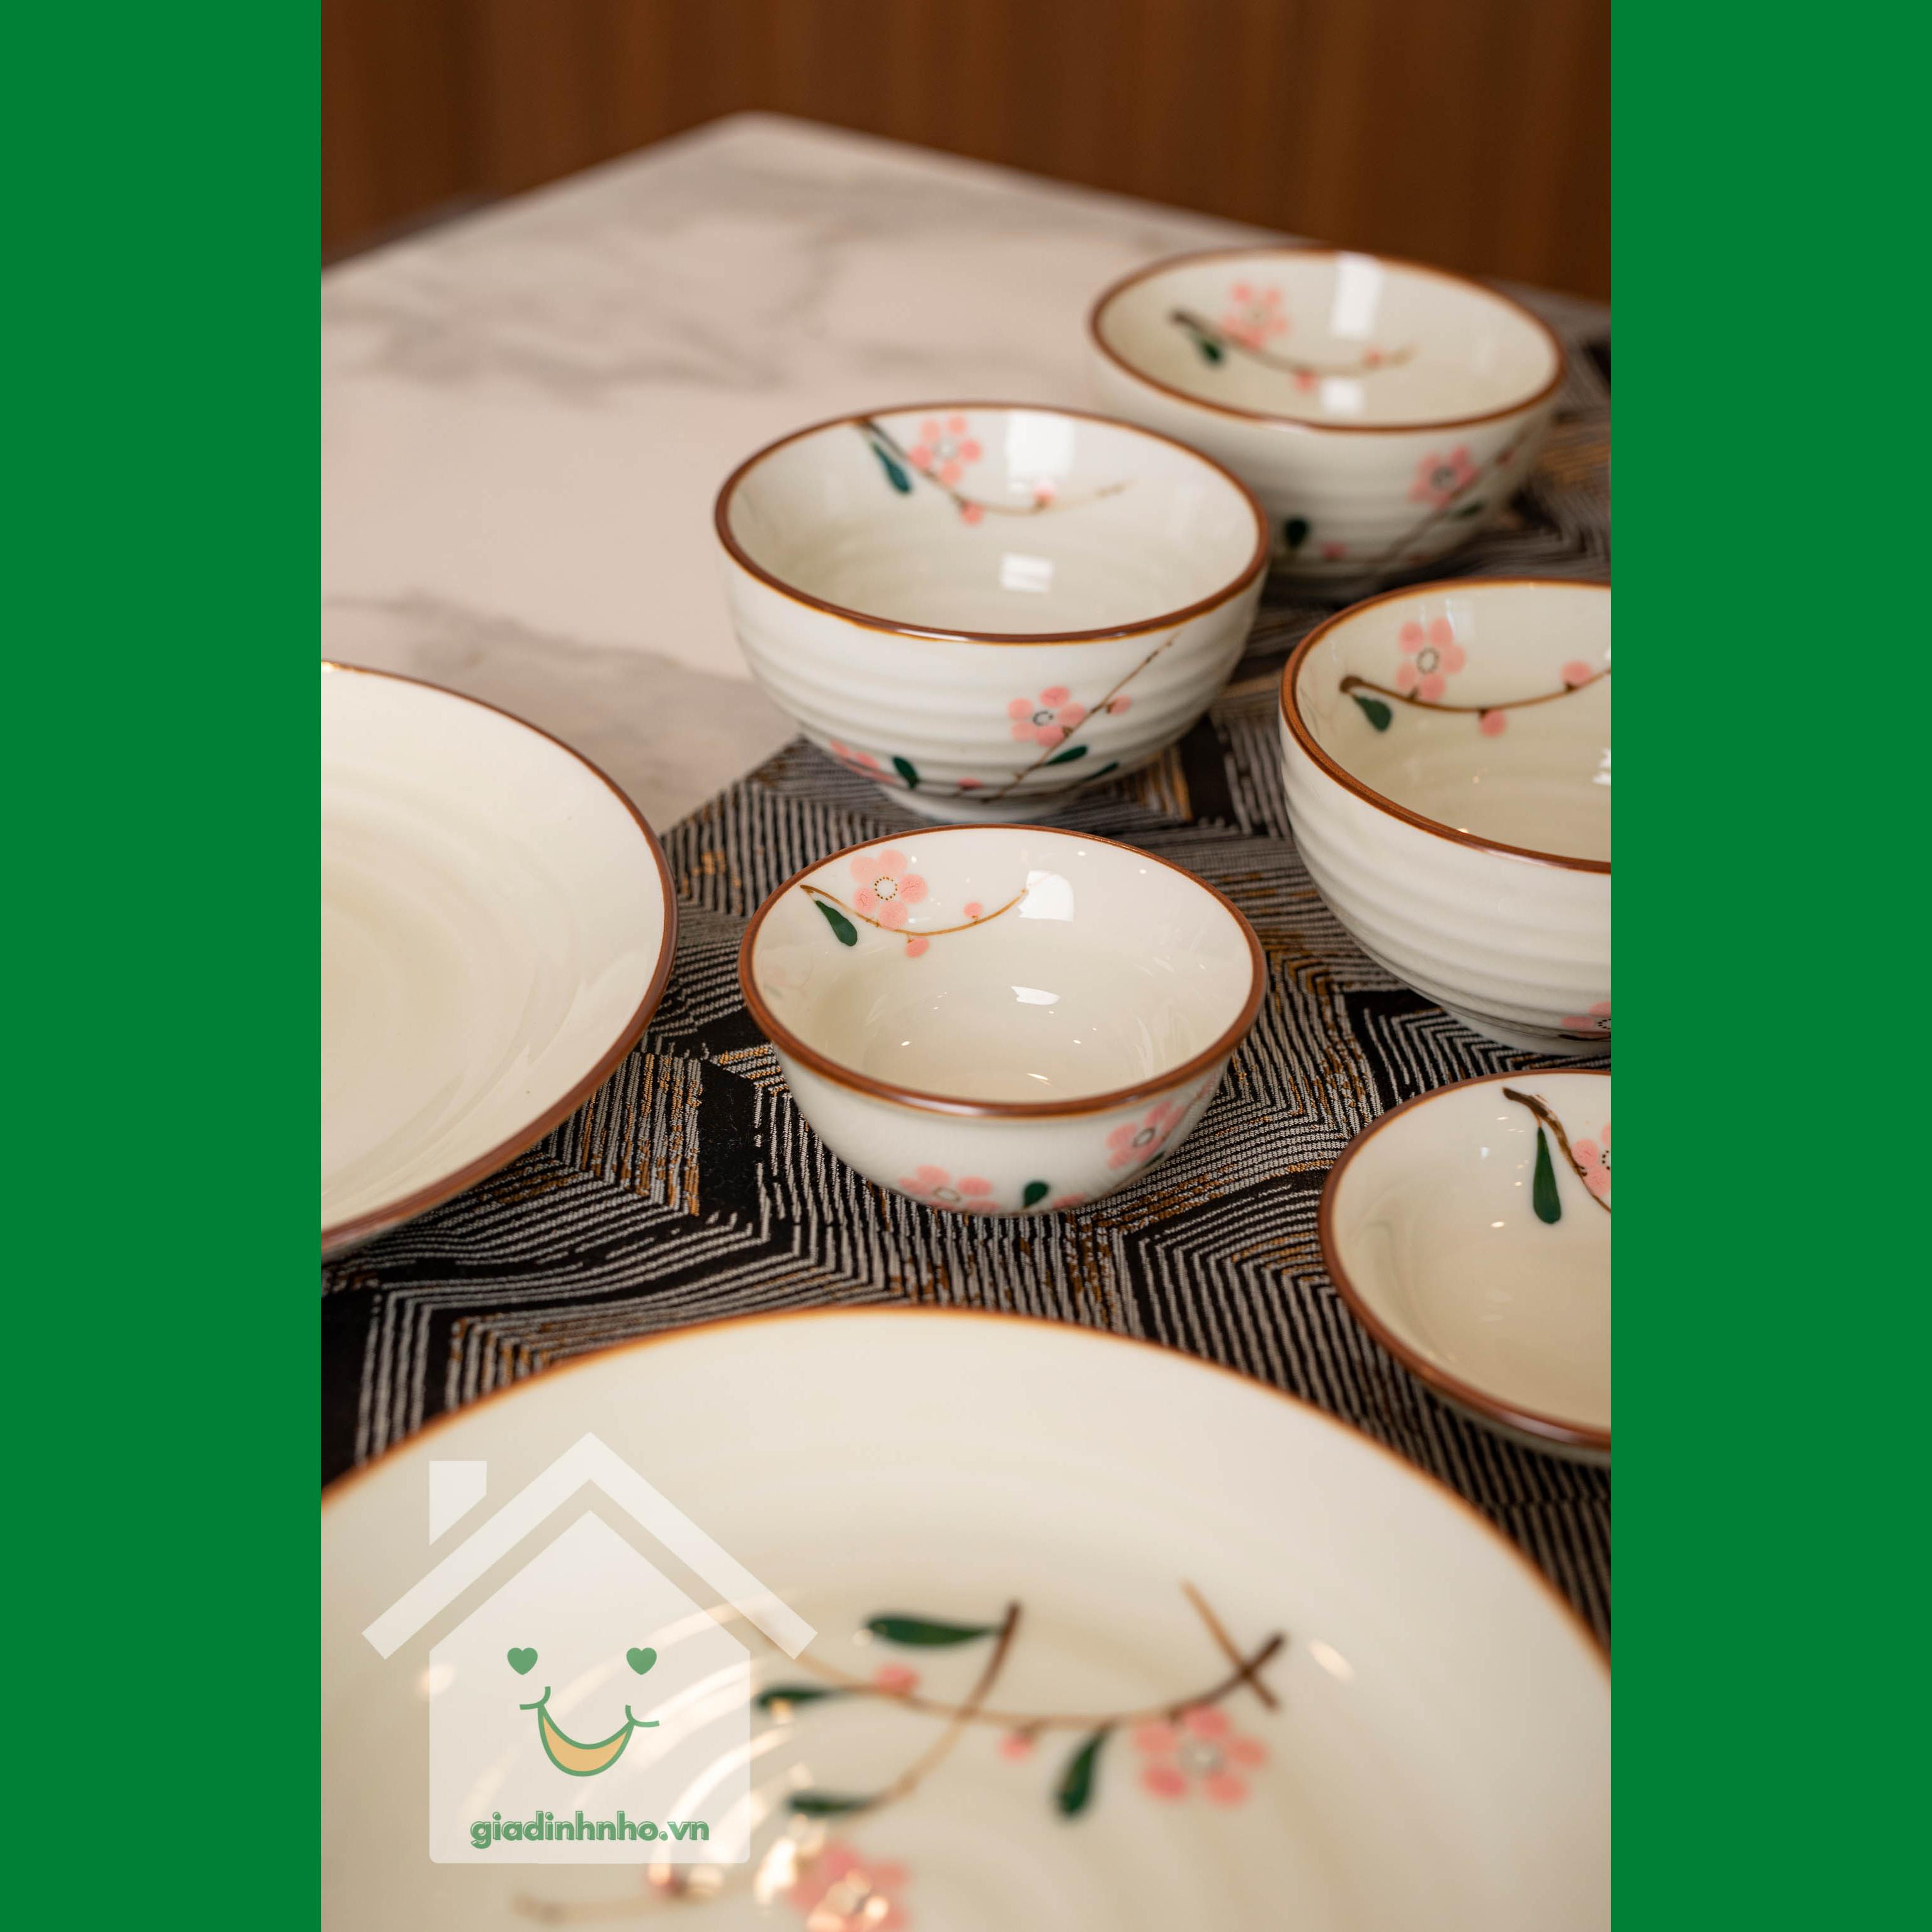 Bộ bát đĩa hoa đào hồng